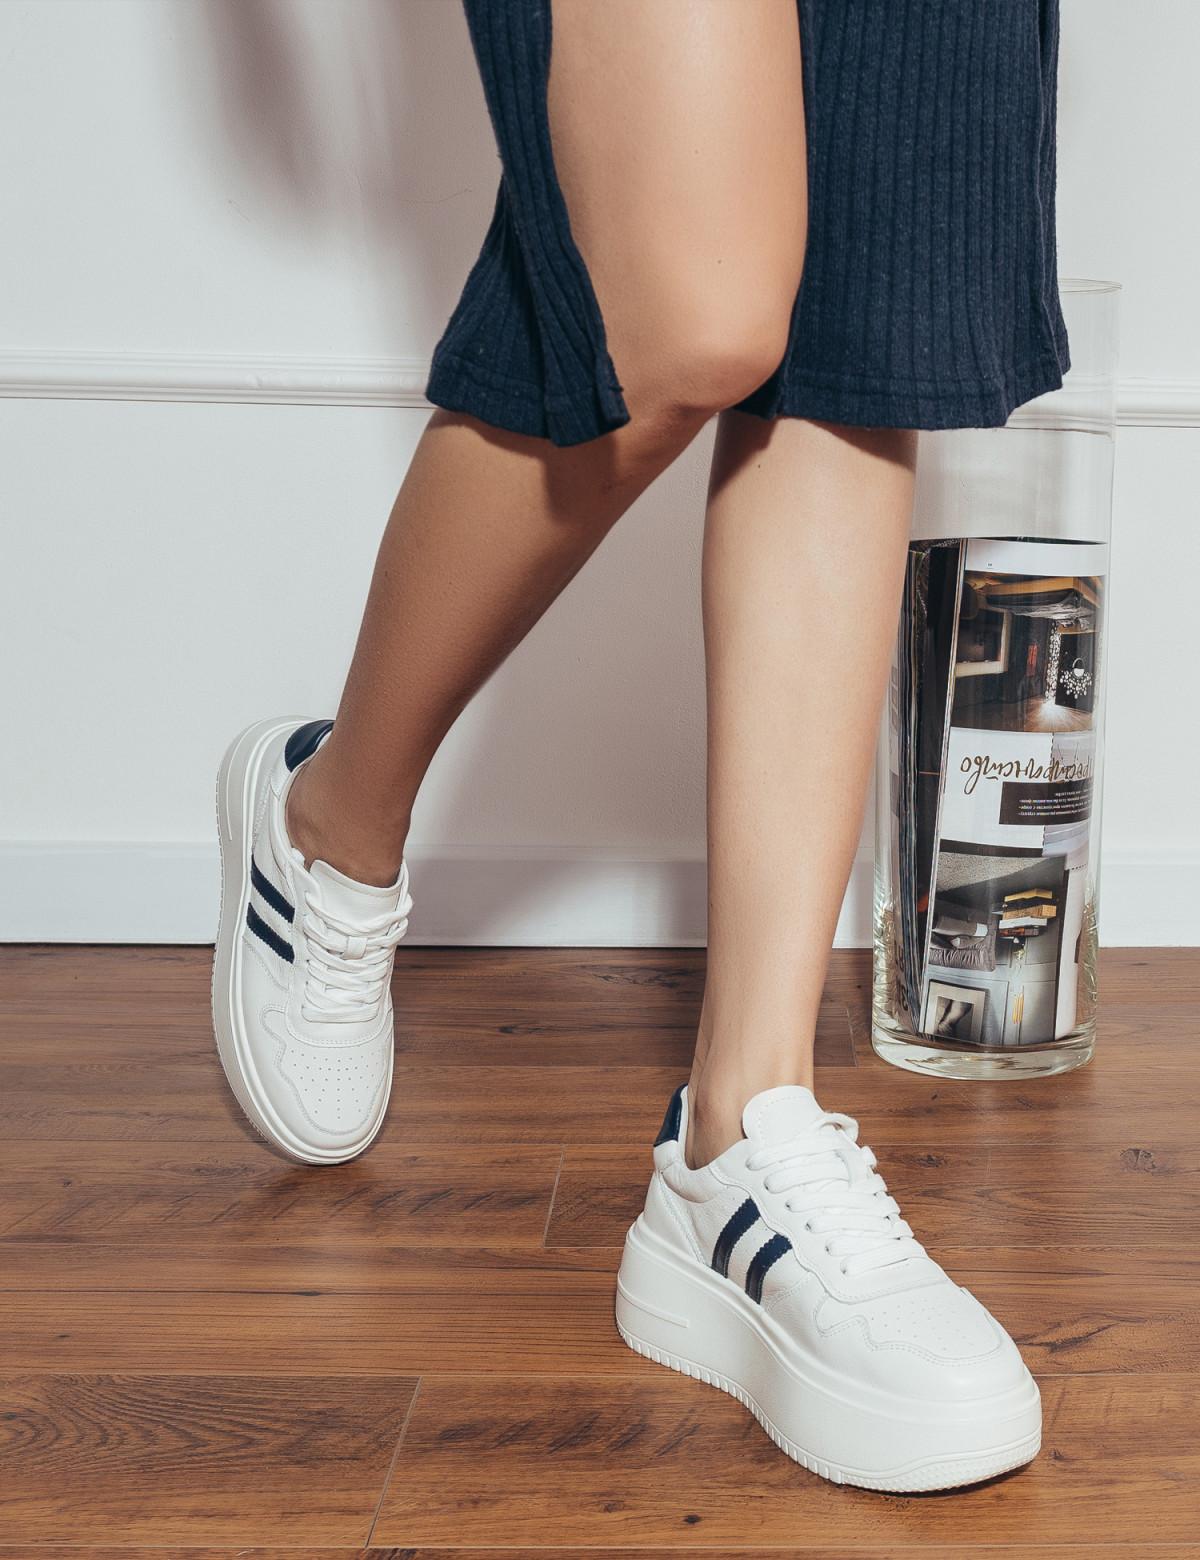 Кросівки білі/сині. Натуральна шкіра5